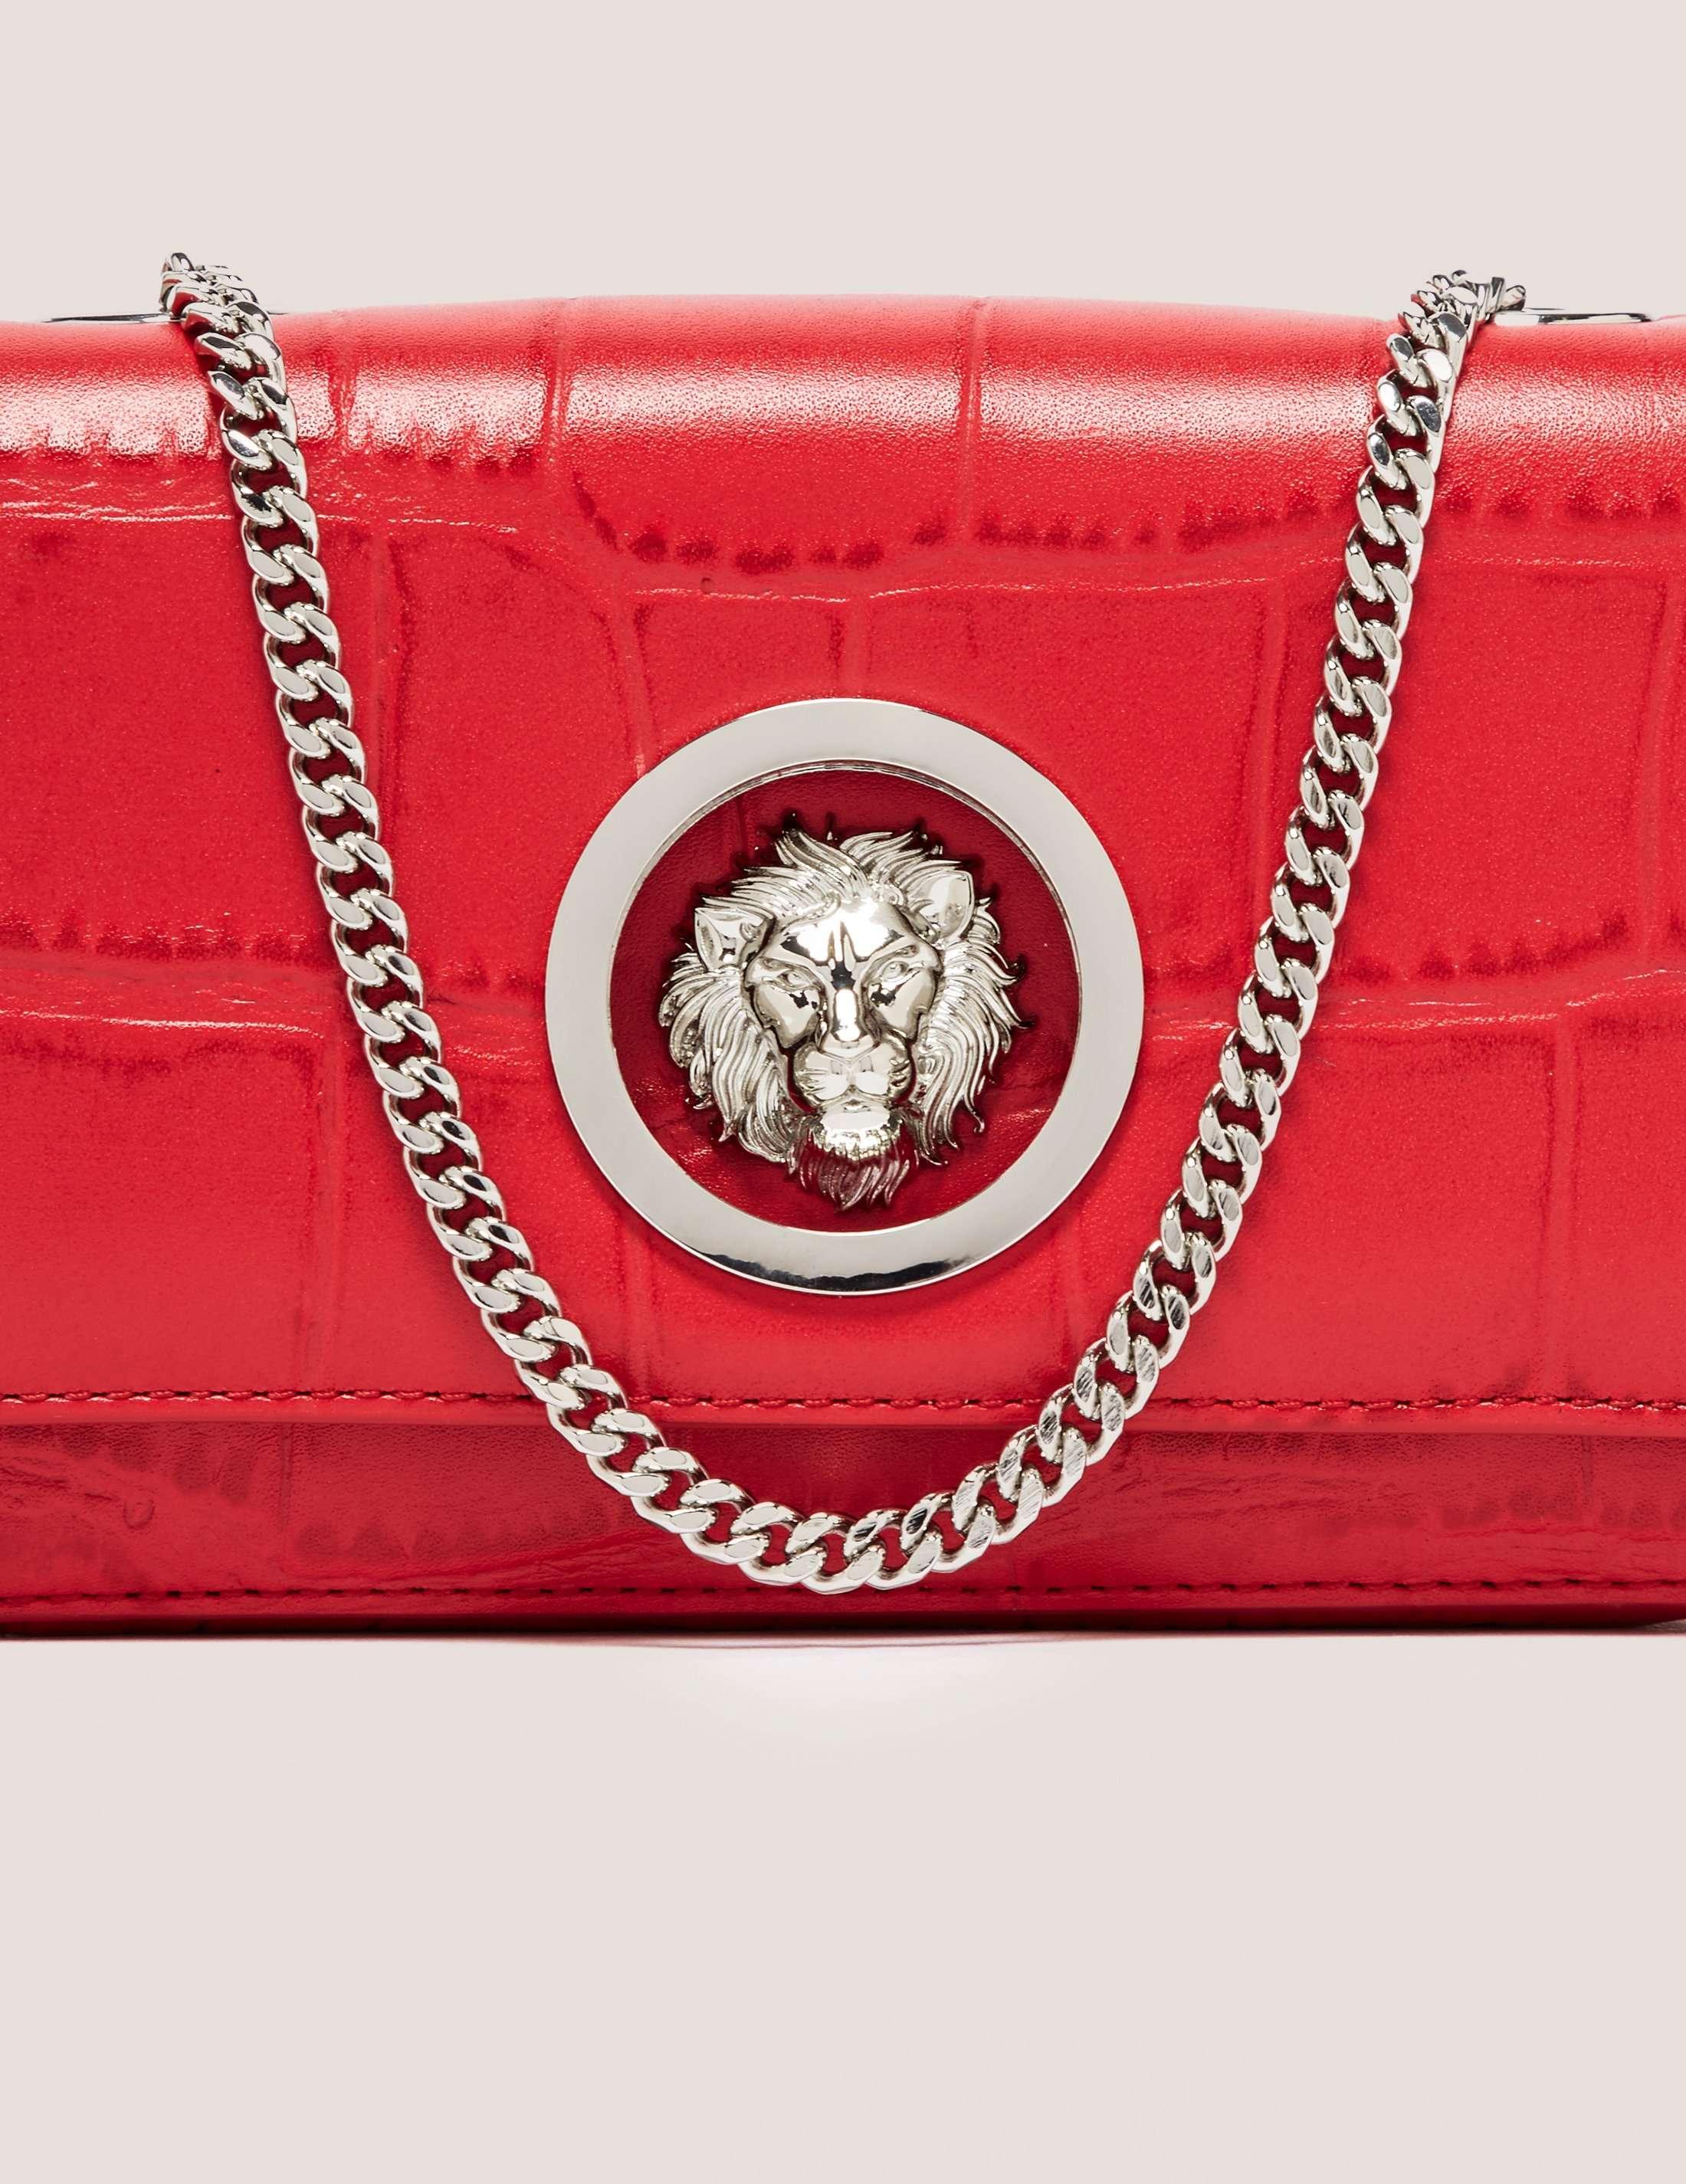 Versus Versace Lion Head Crossbody Bag